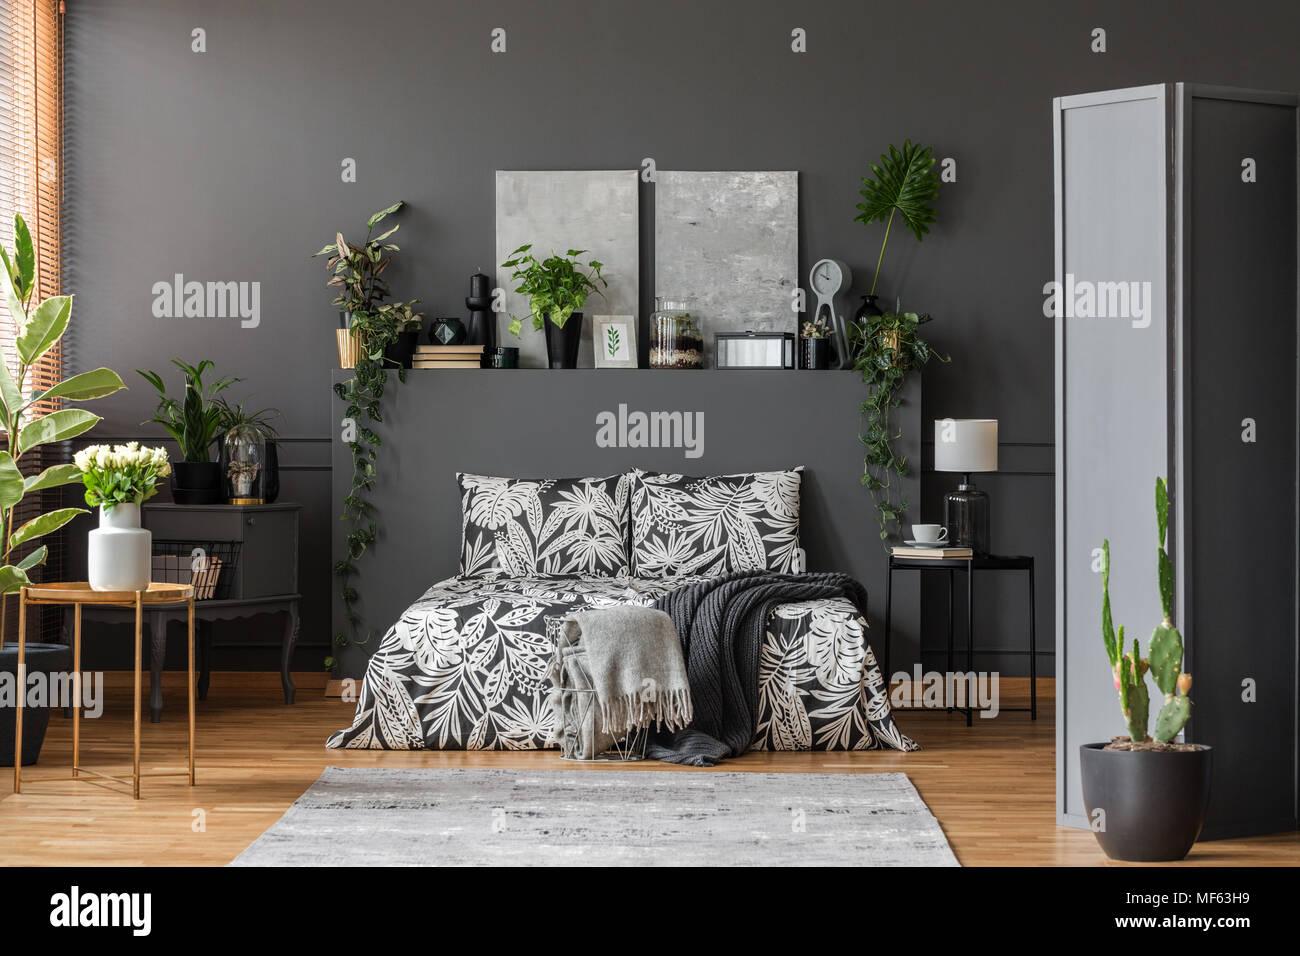 Camere Da Letto Rosse E Bianche : Rose bianche e cactus in una spaziosa camera da letto grigio interno